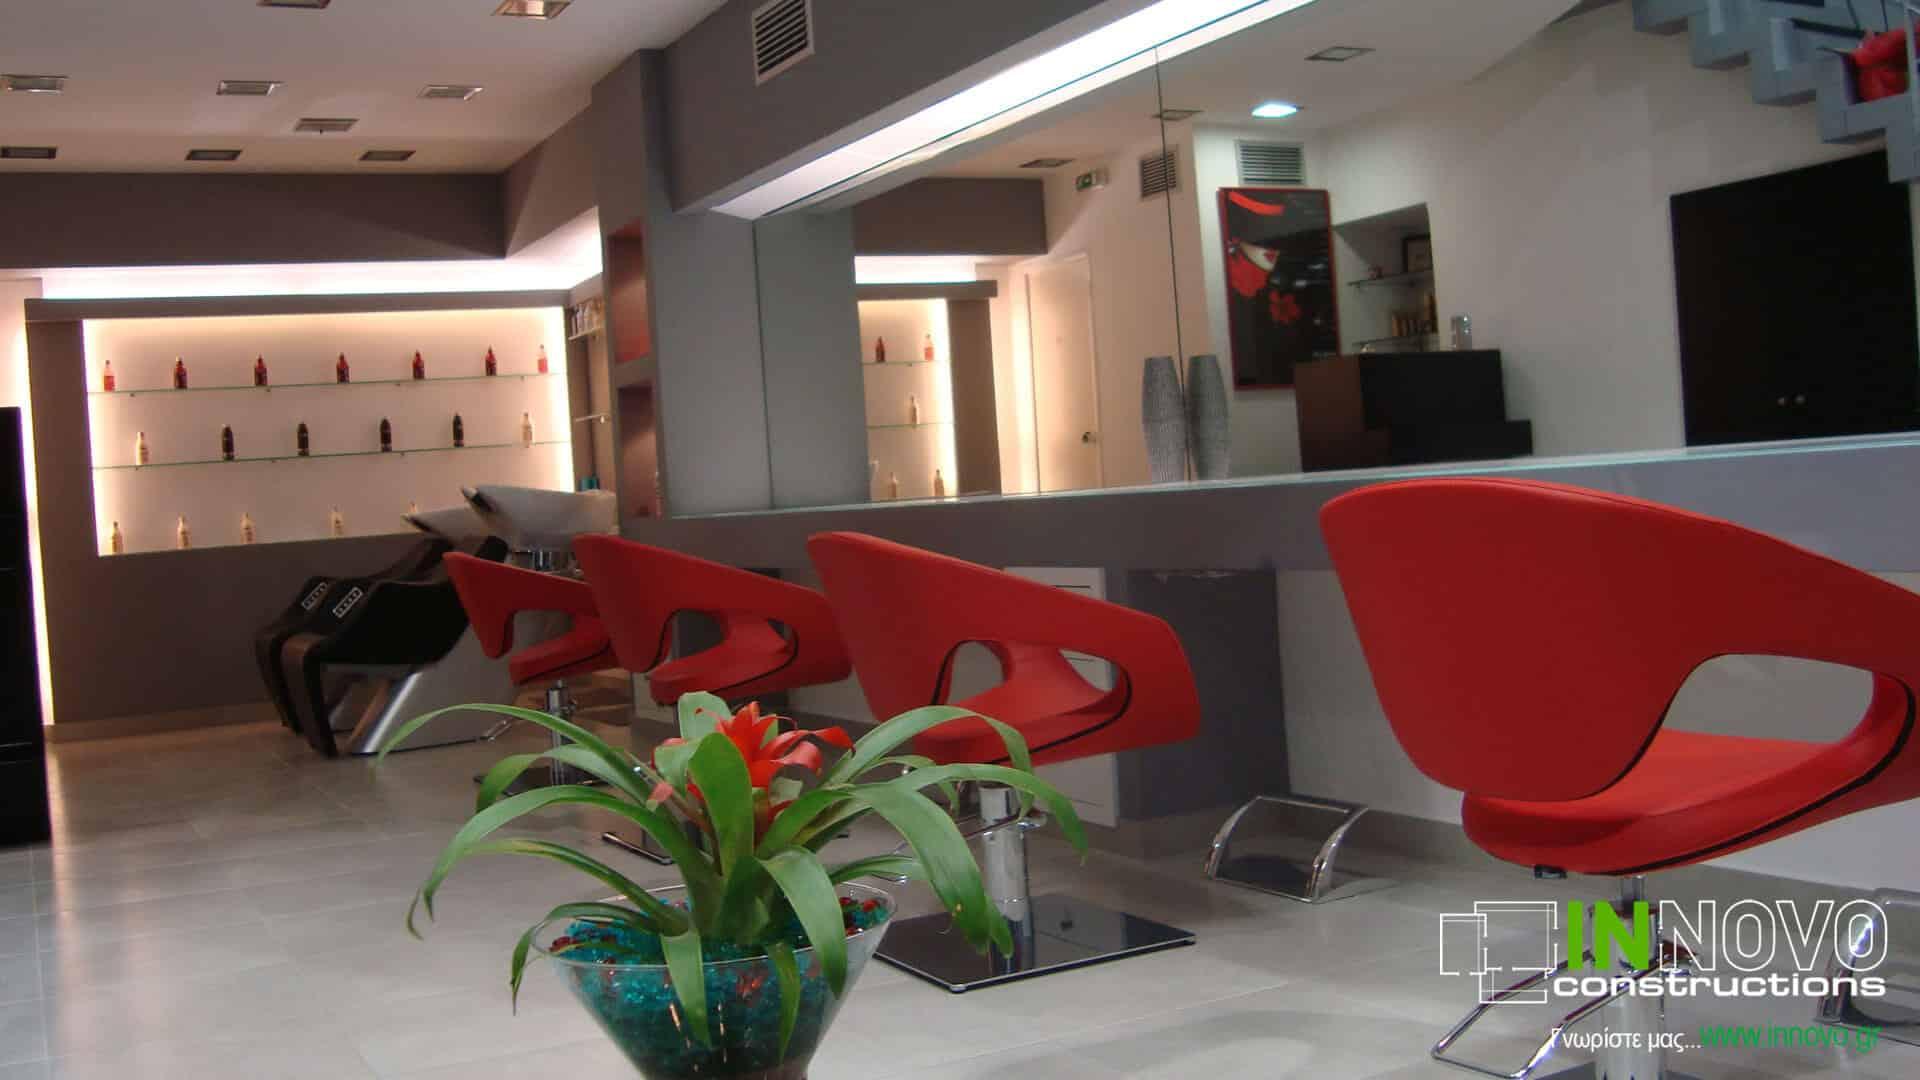 diakosmisi-kommotiriou-hairdressers-design-kommotirio-nafplio-1071-15